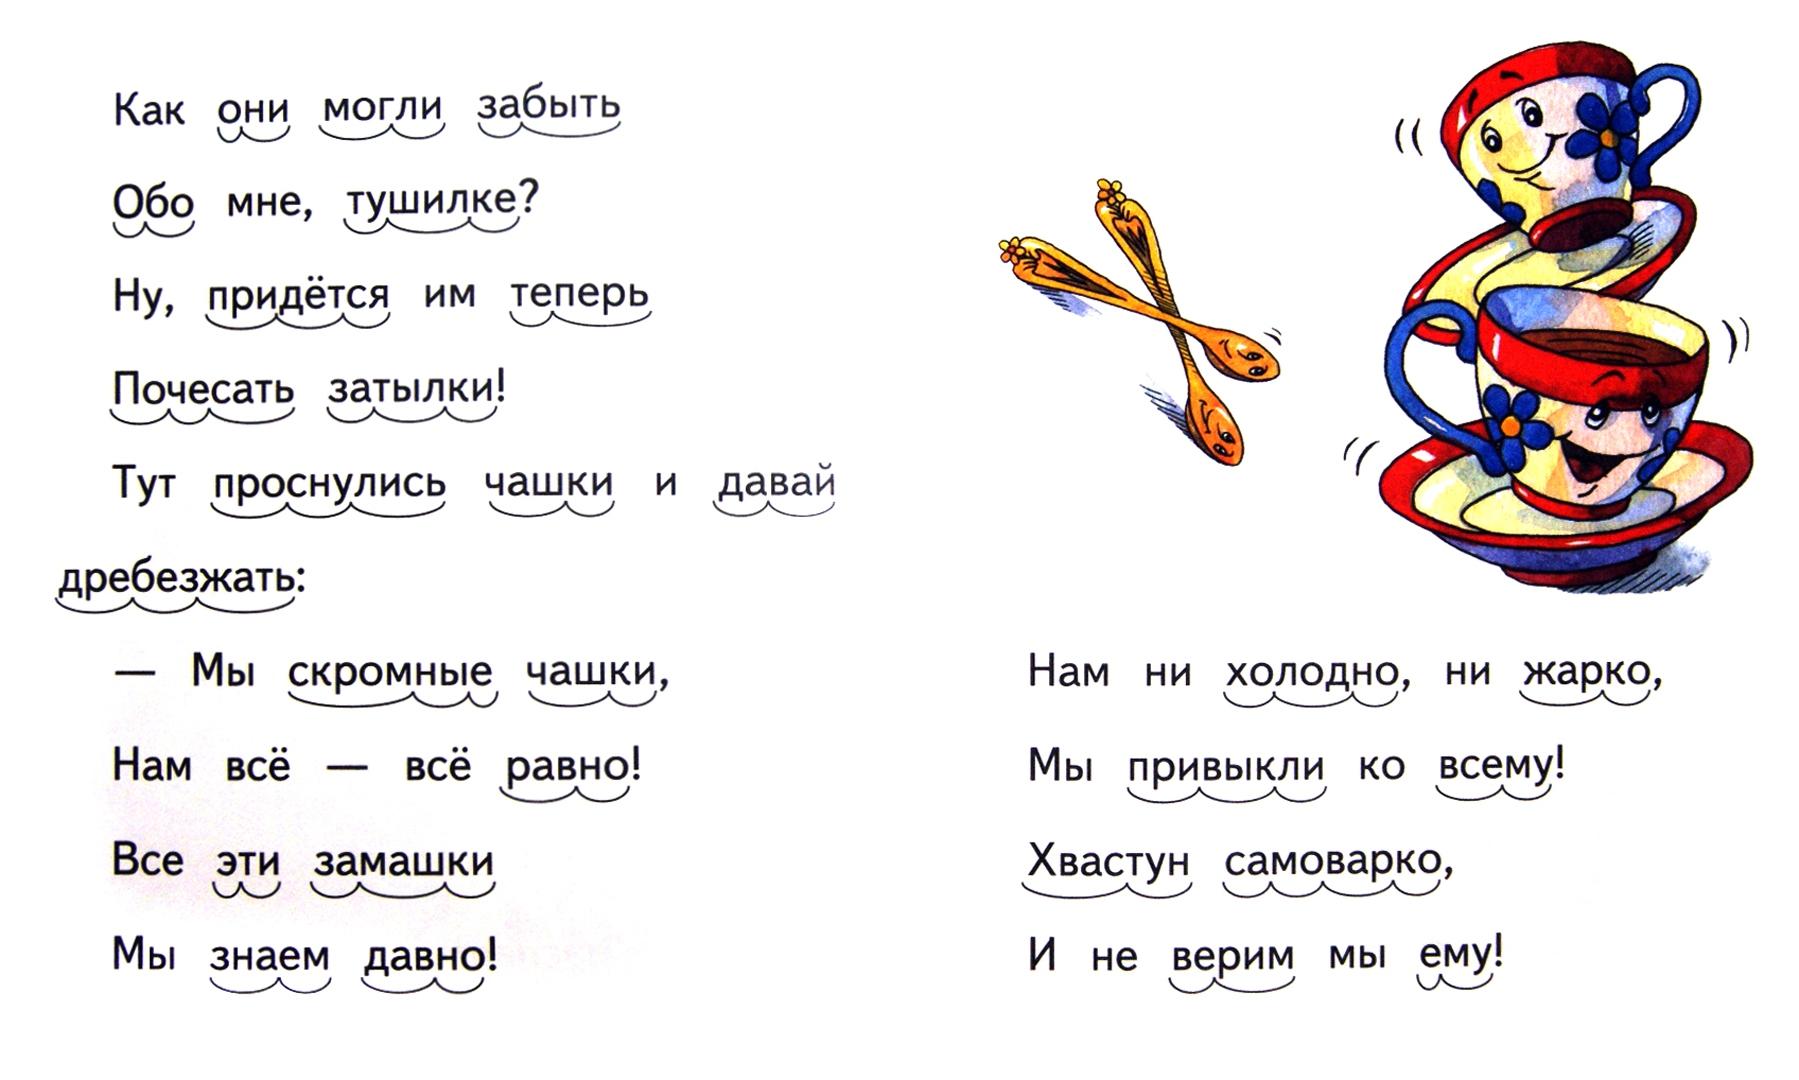 Иллюстрация 1 из 24 для Самовар - Максим Горький | Лабиринт - книги. Источник: Лабиринт